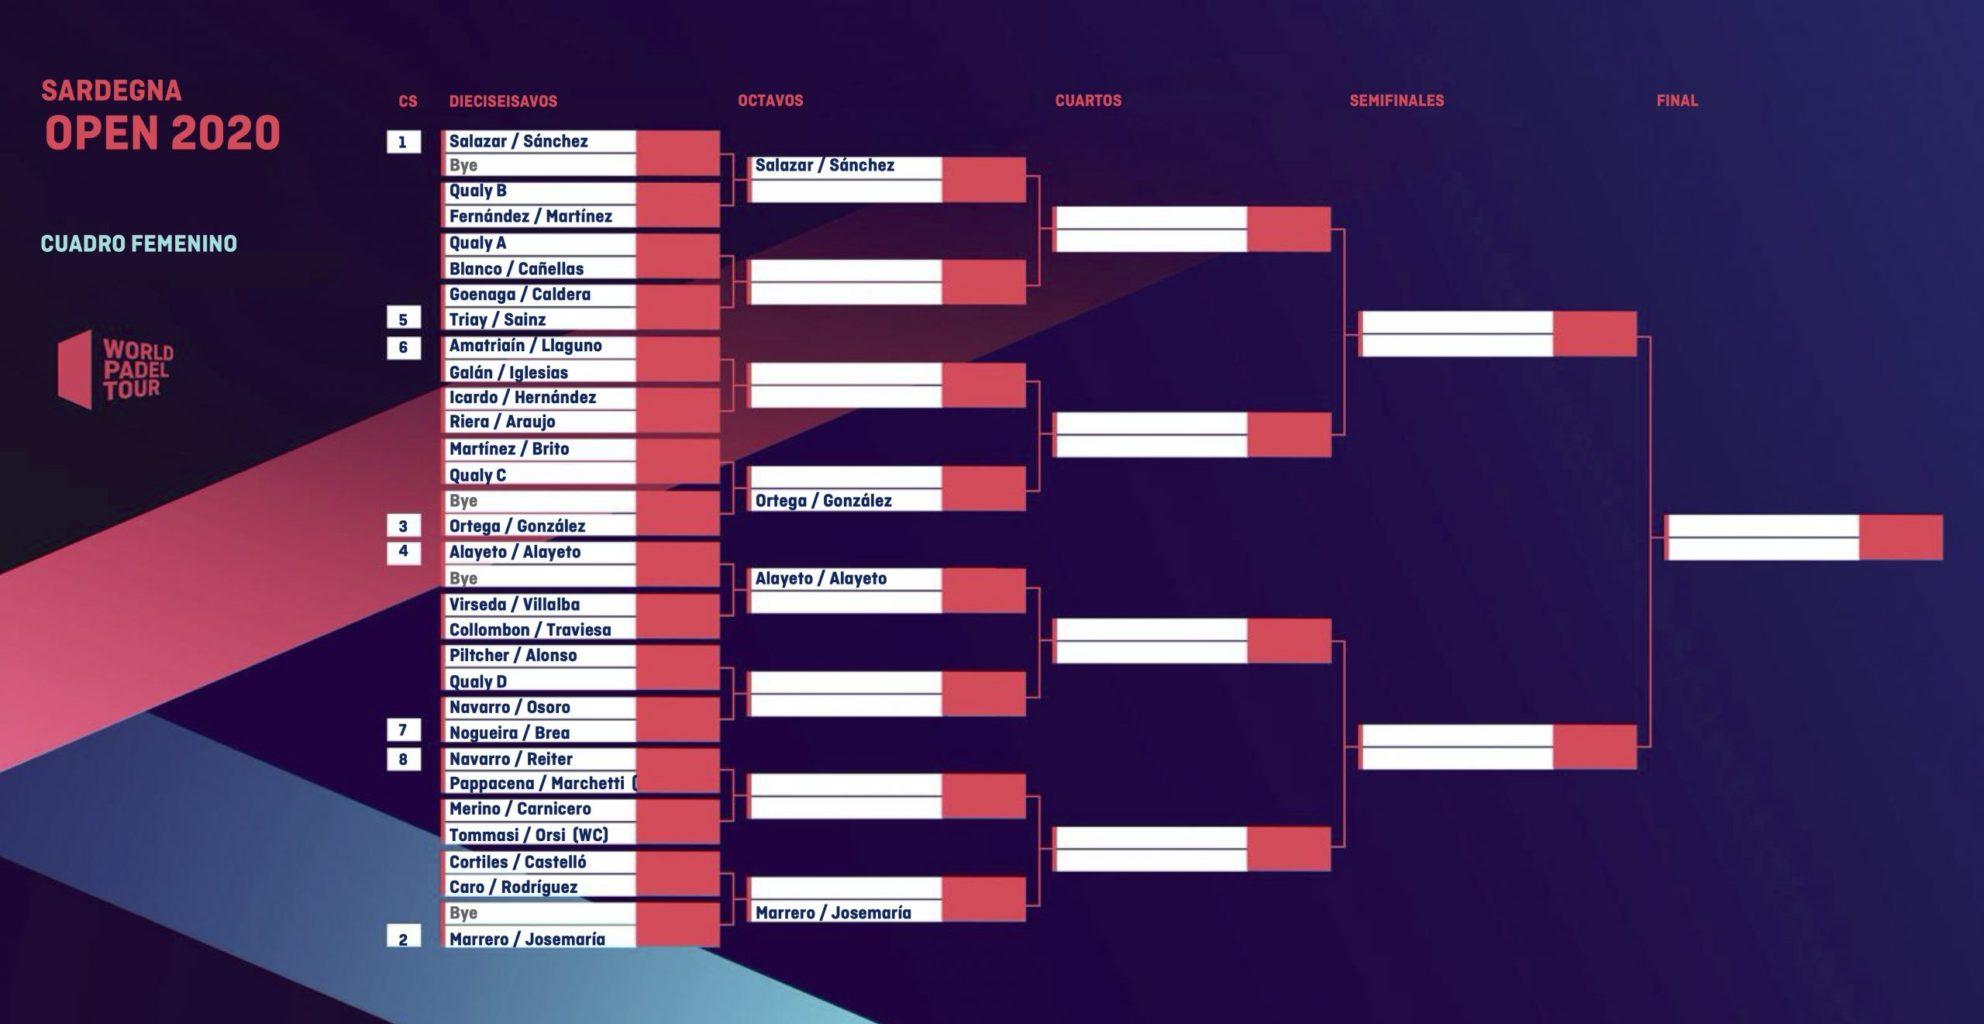 Cuadro final masculino del Serdegna Open 2020